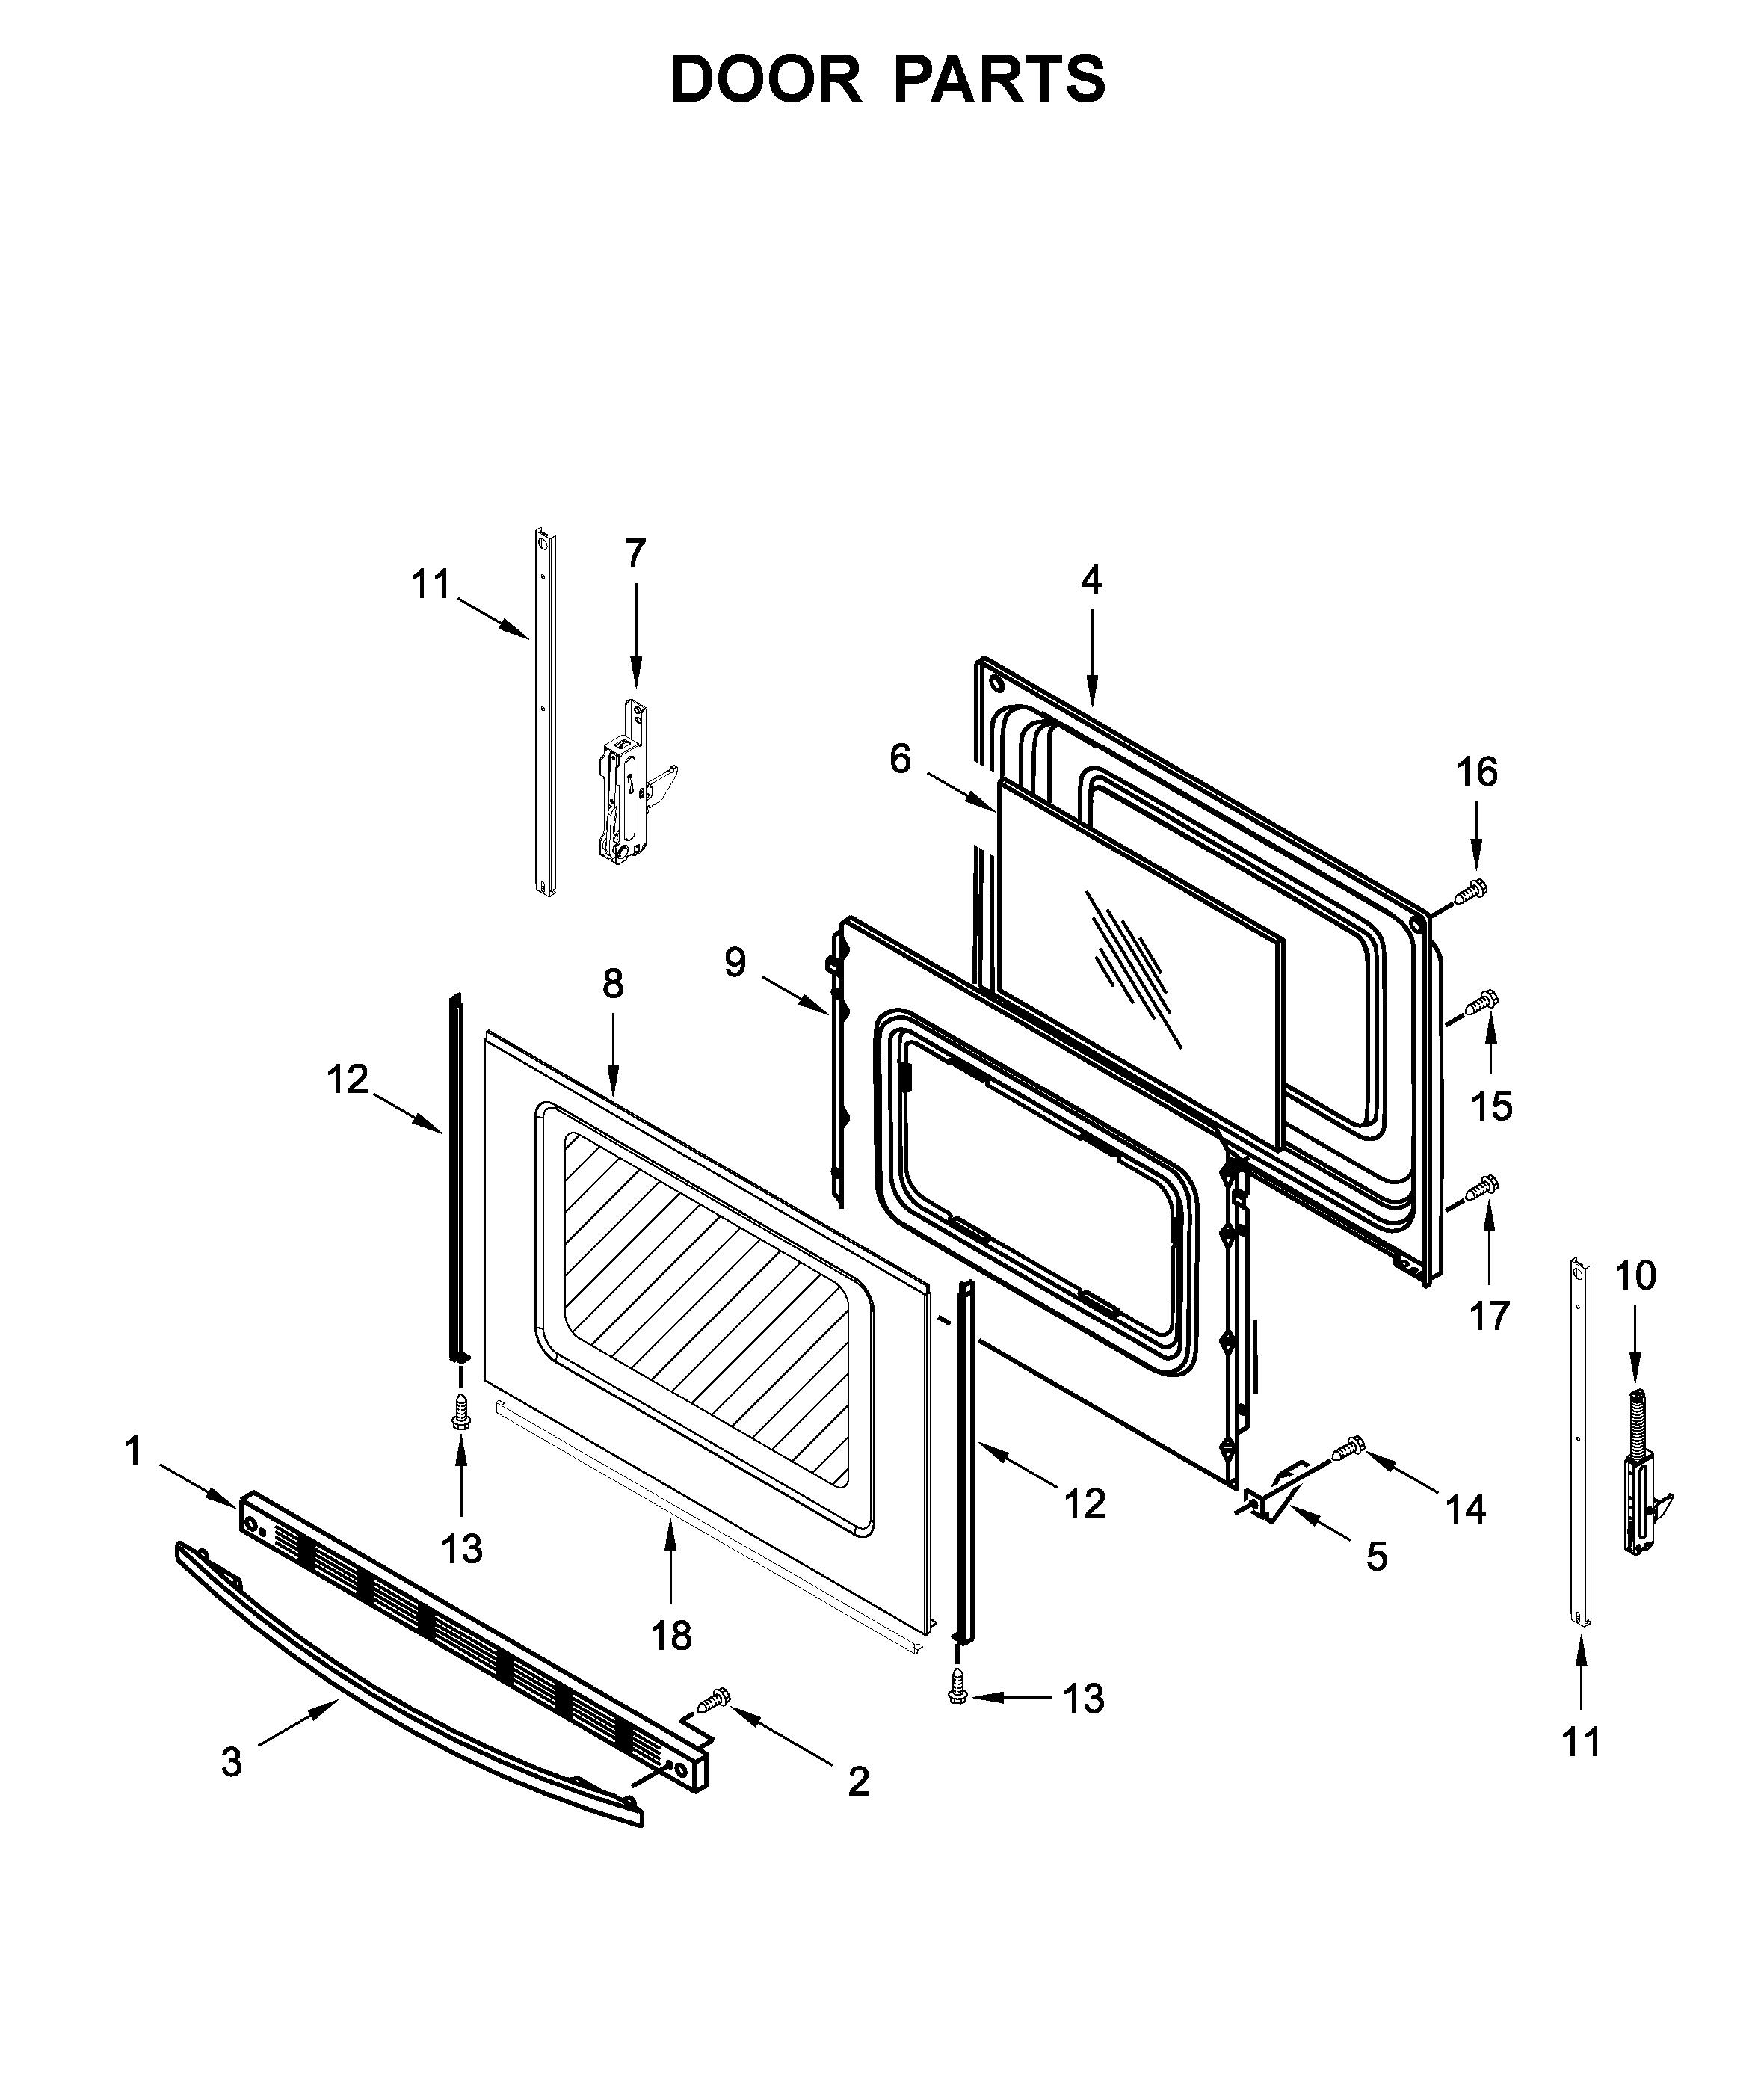 Amana  Free_standing_electric_range  Door parts